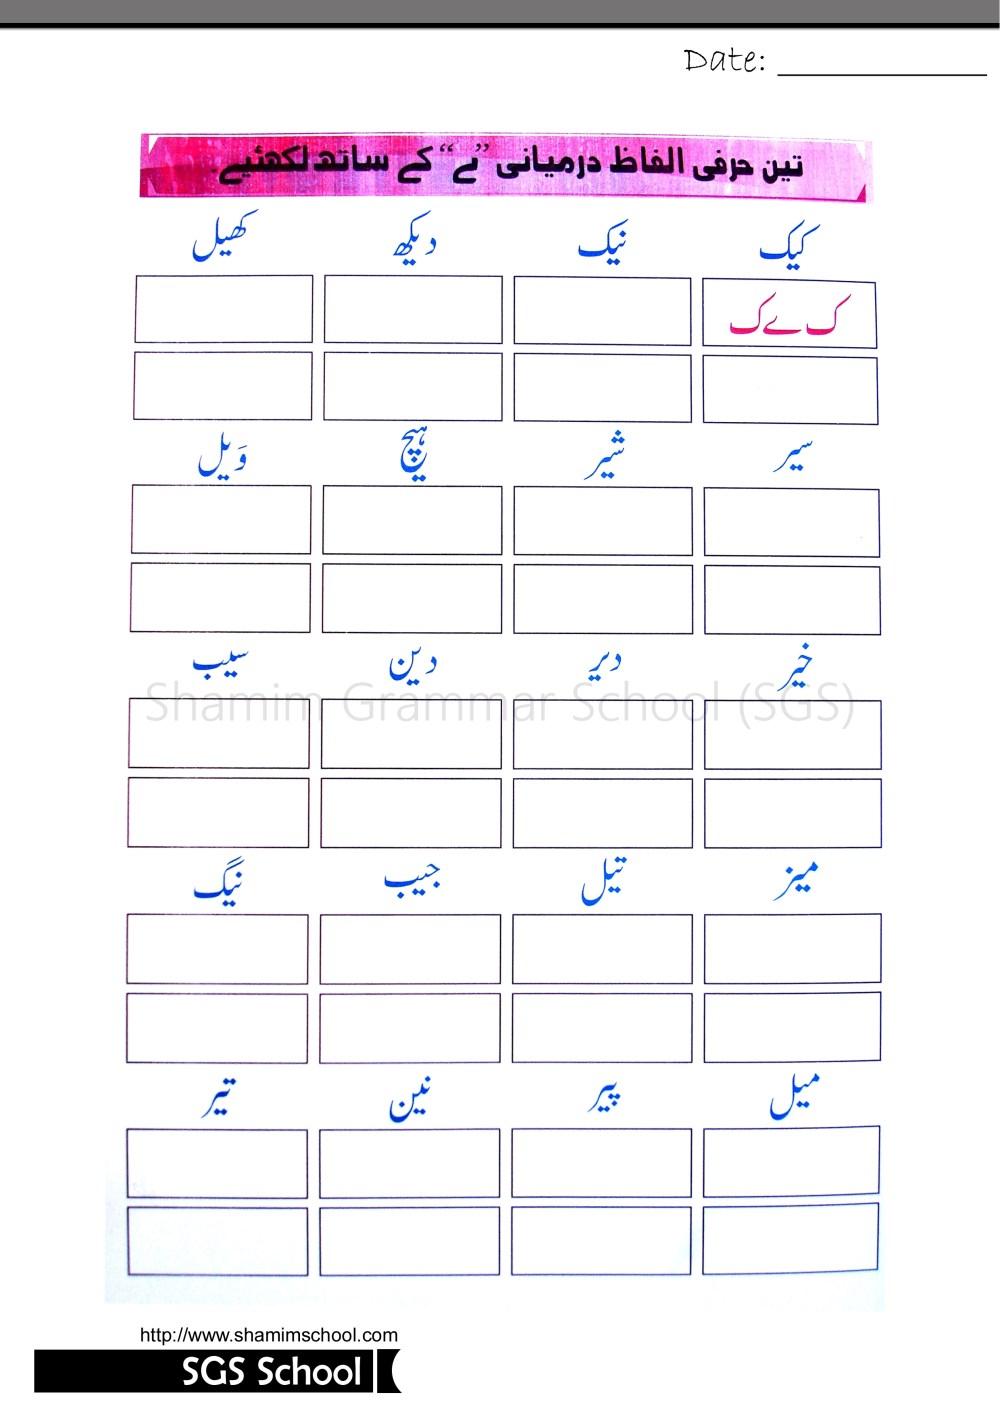 medium resolution of Urdu Grammar Worksheet In Urdu   Printable Worksheets and Activities for  Teachers